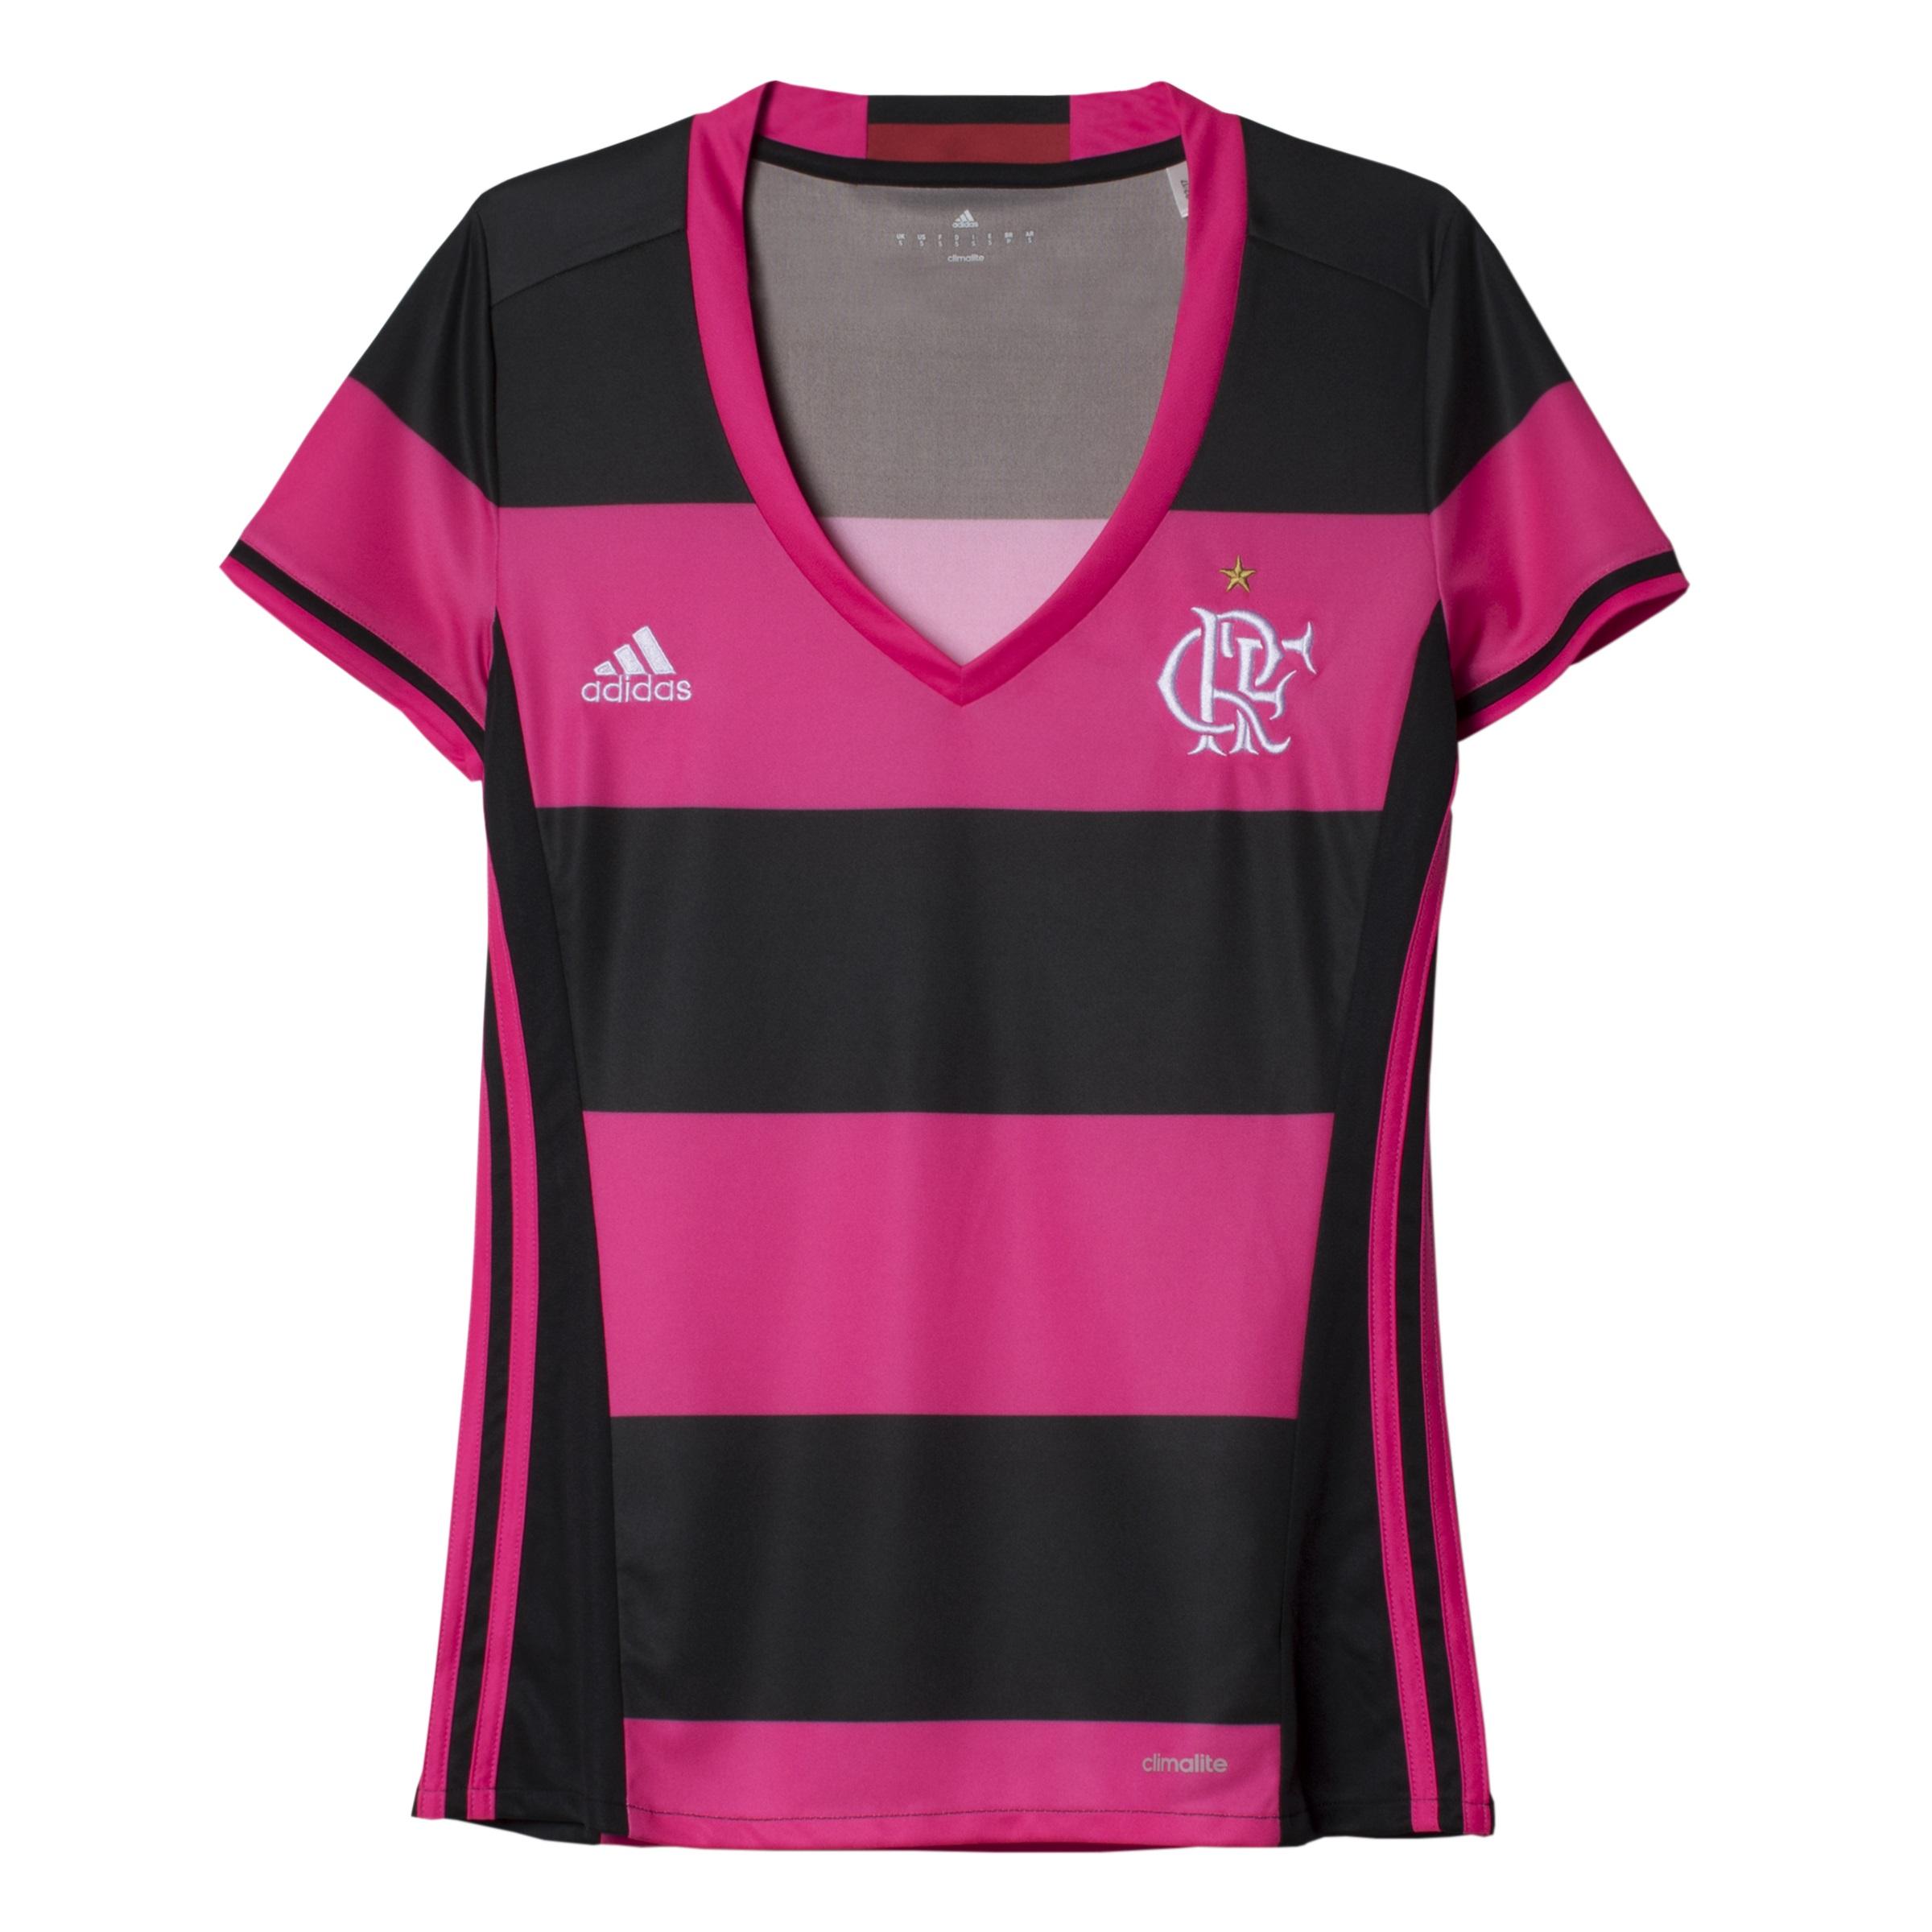 ef1183fd72 Flamengo e Adidas divulgam camisa especial para as mulheres